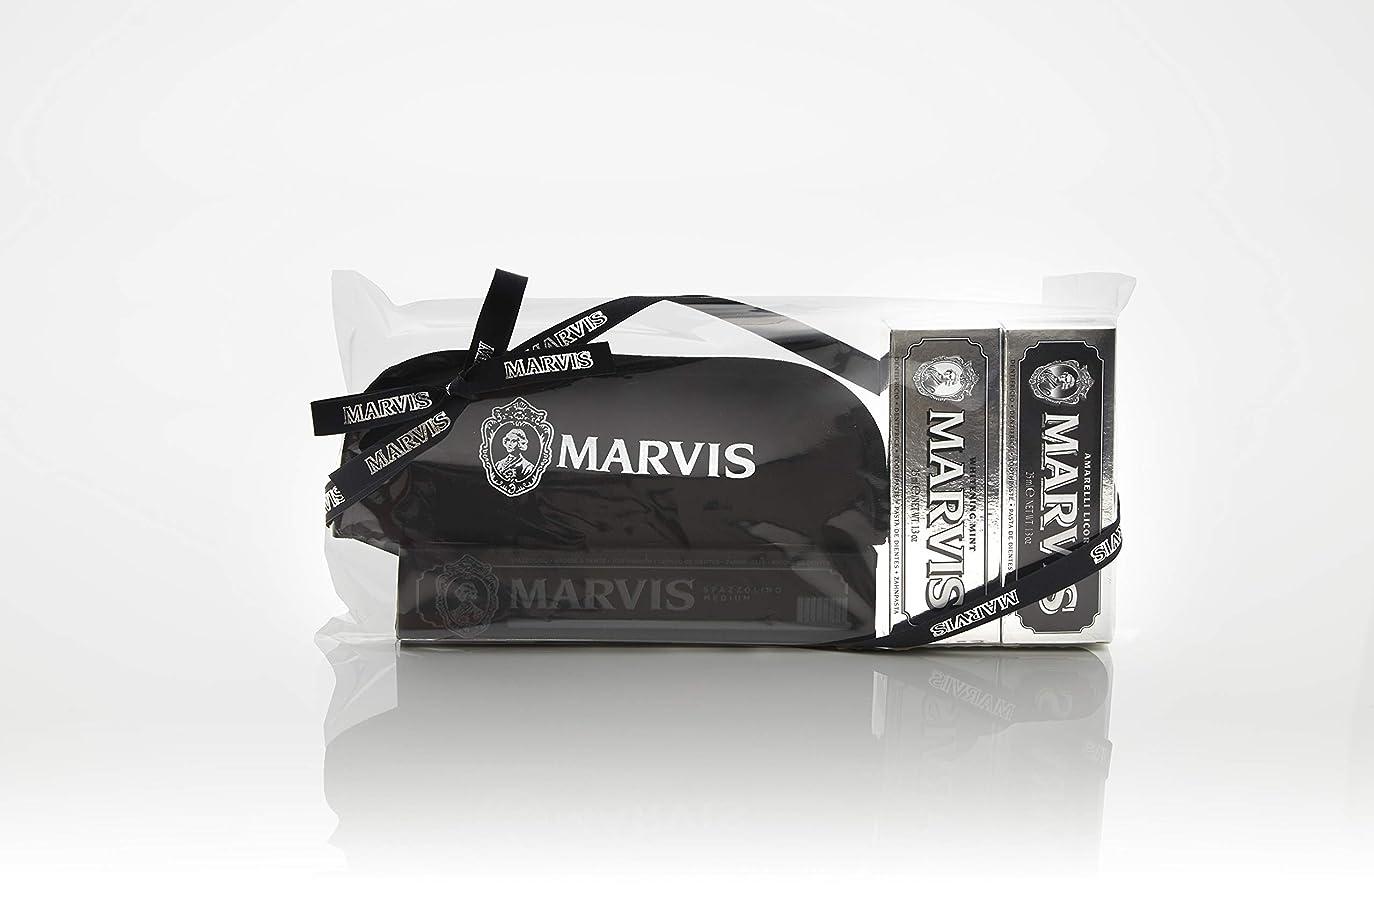 乱用異常な地中海MARVIS(マービス) トラベル?セットDouble Flavors (歯みがき粉?歯ブラシ?ポー